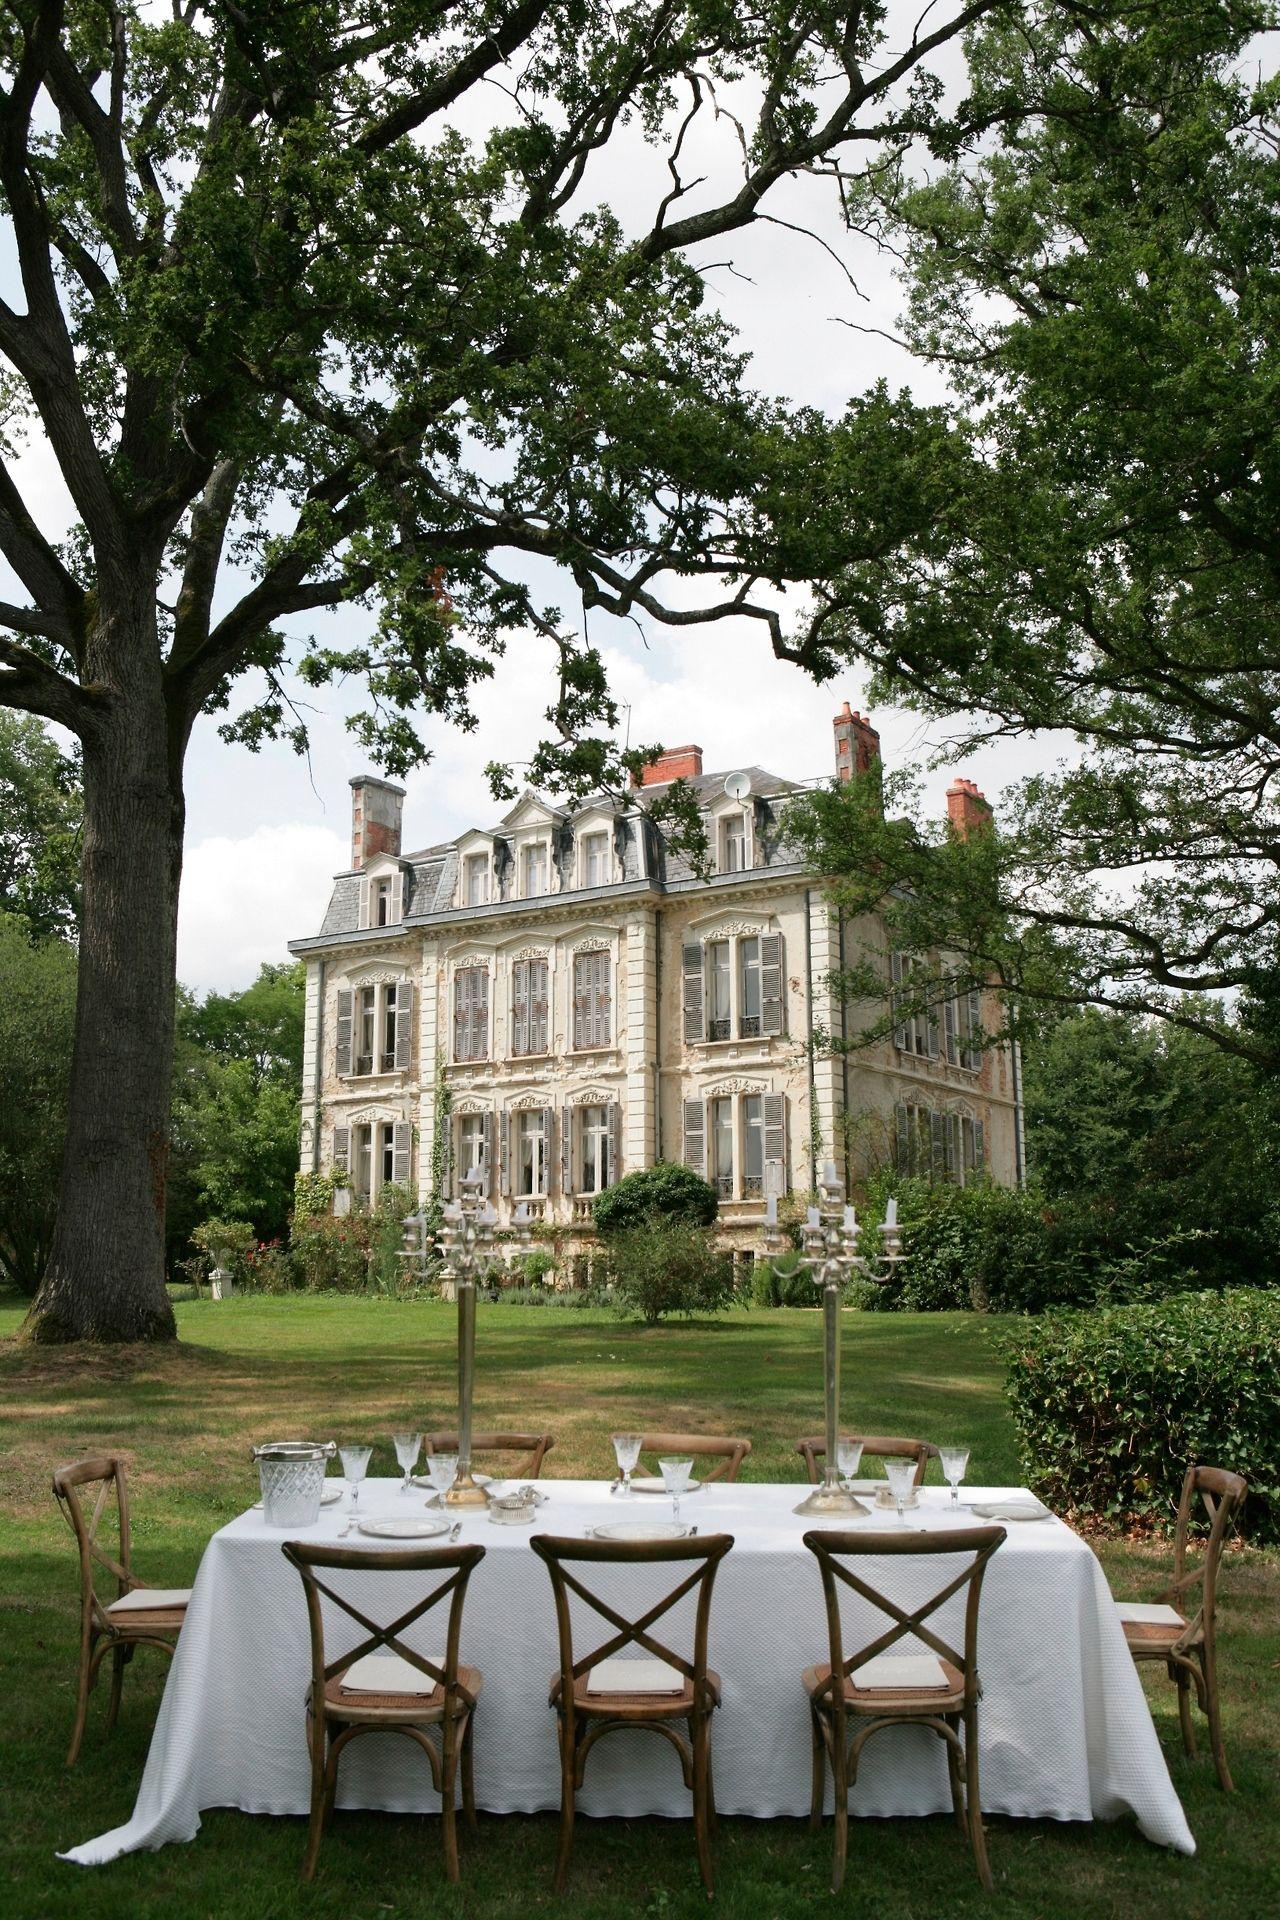 Chateau La Creuzette Boussac France Maison De Campagne